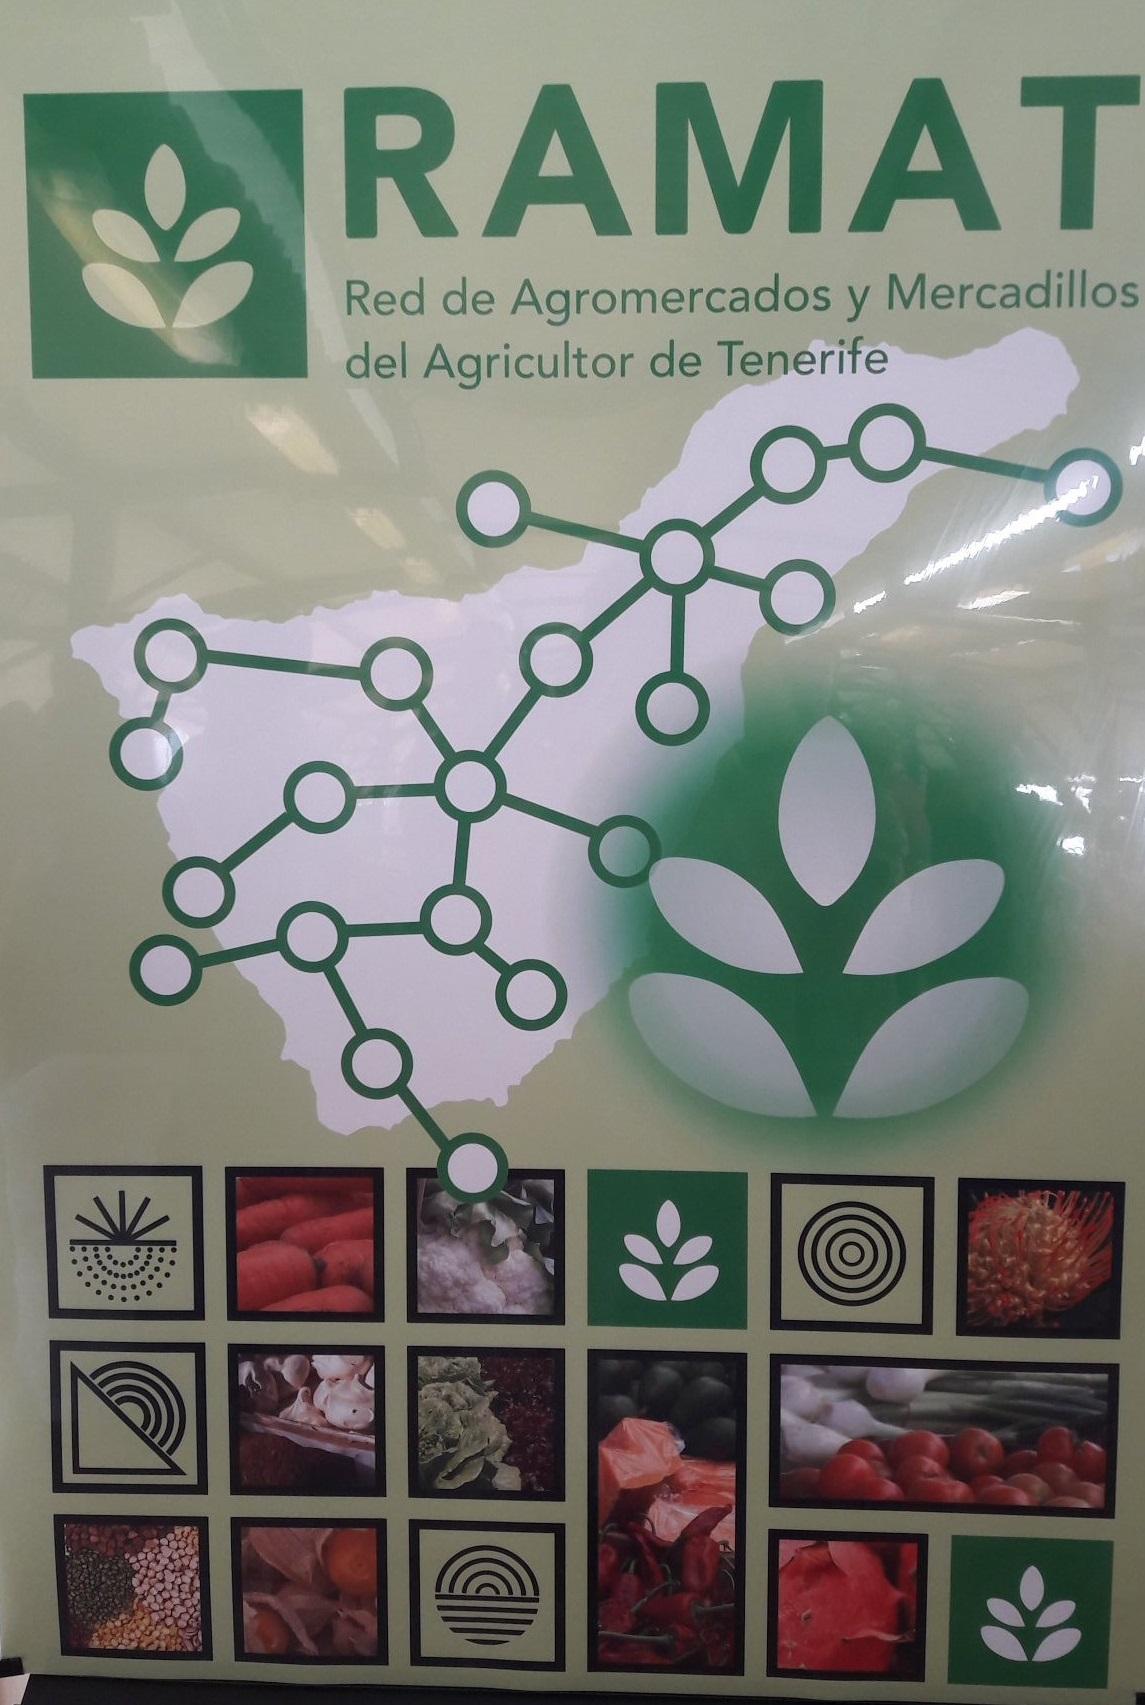 Red de Agromercados y Mercadillos del Agricultor de Tenerife